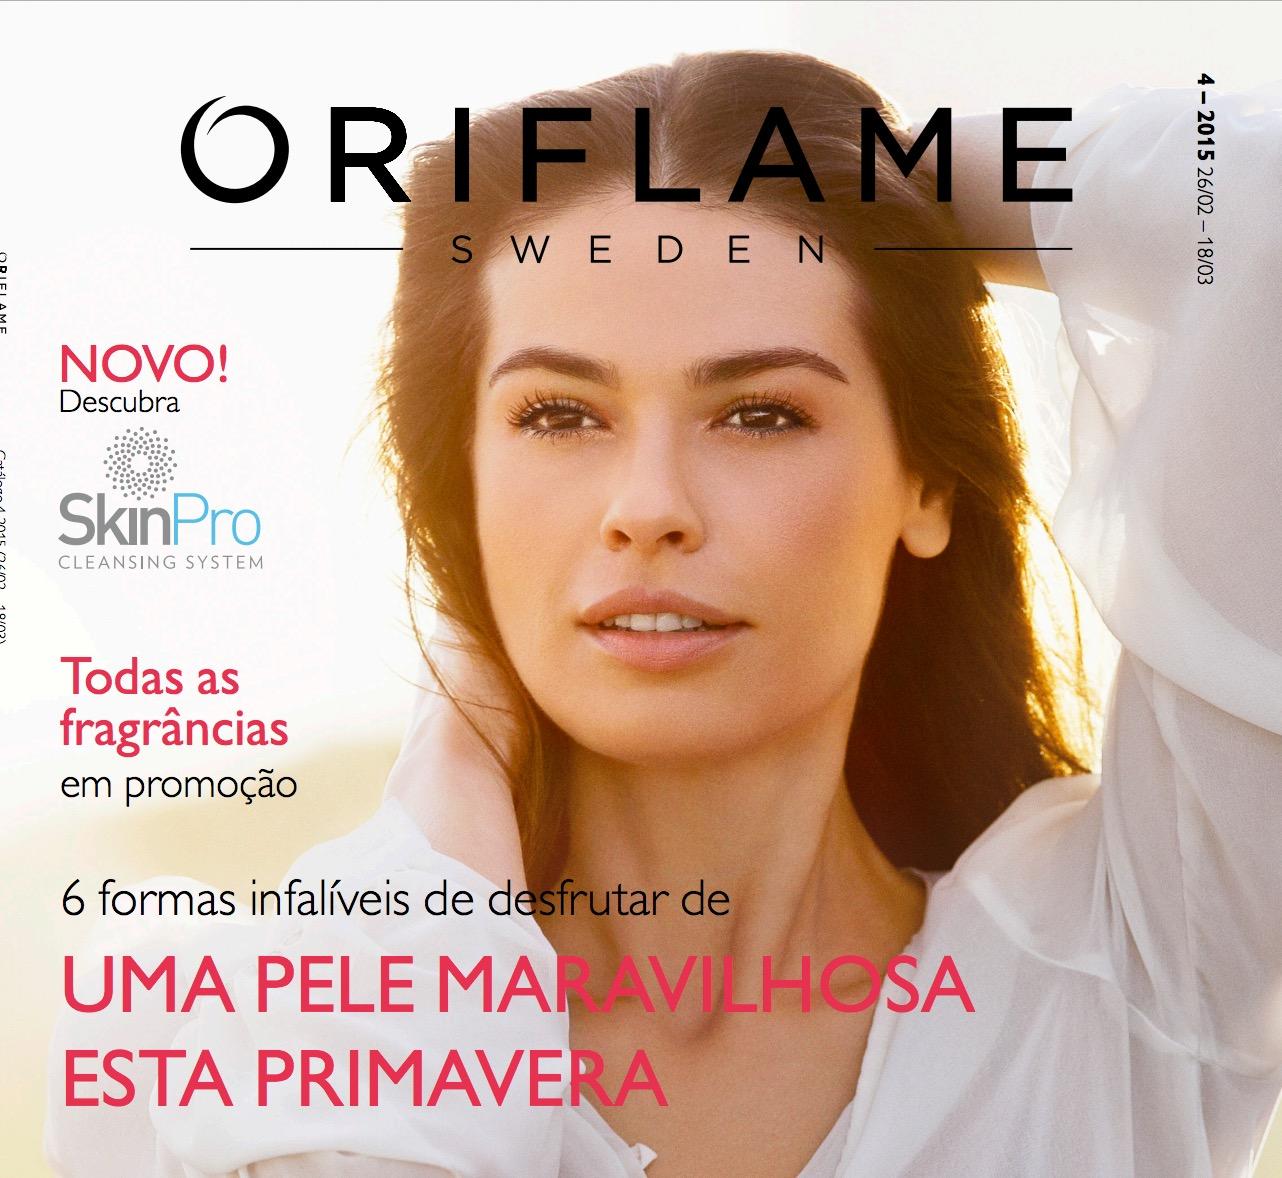 Catálogo Oriflame 4 2015